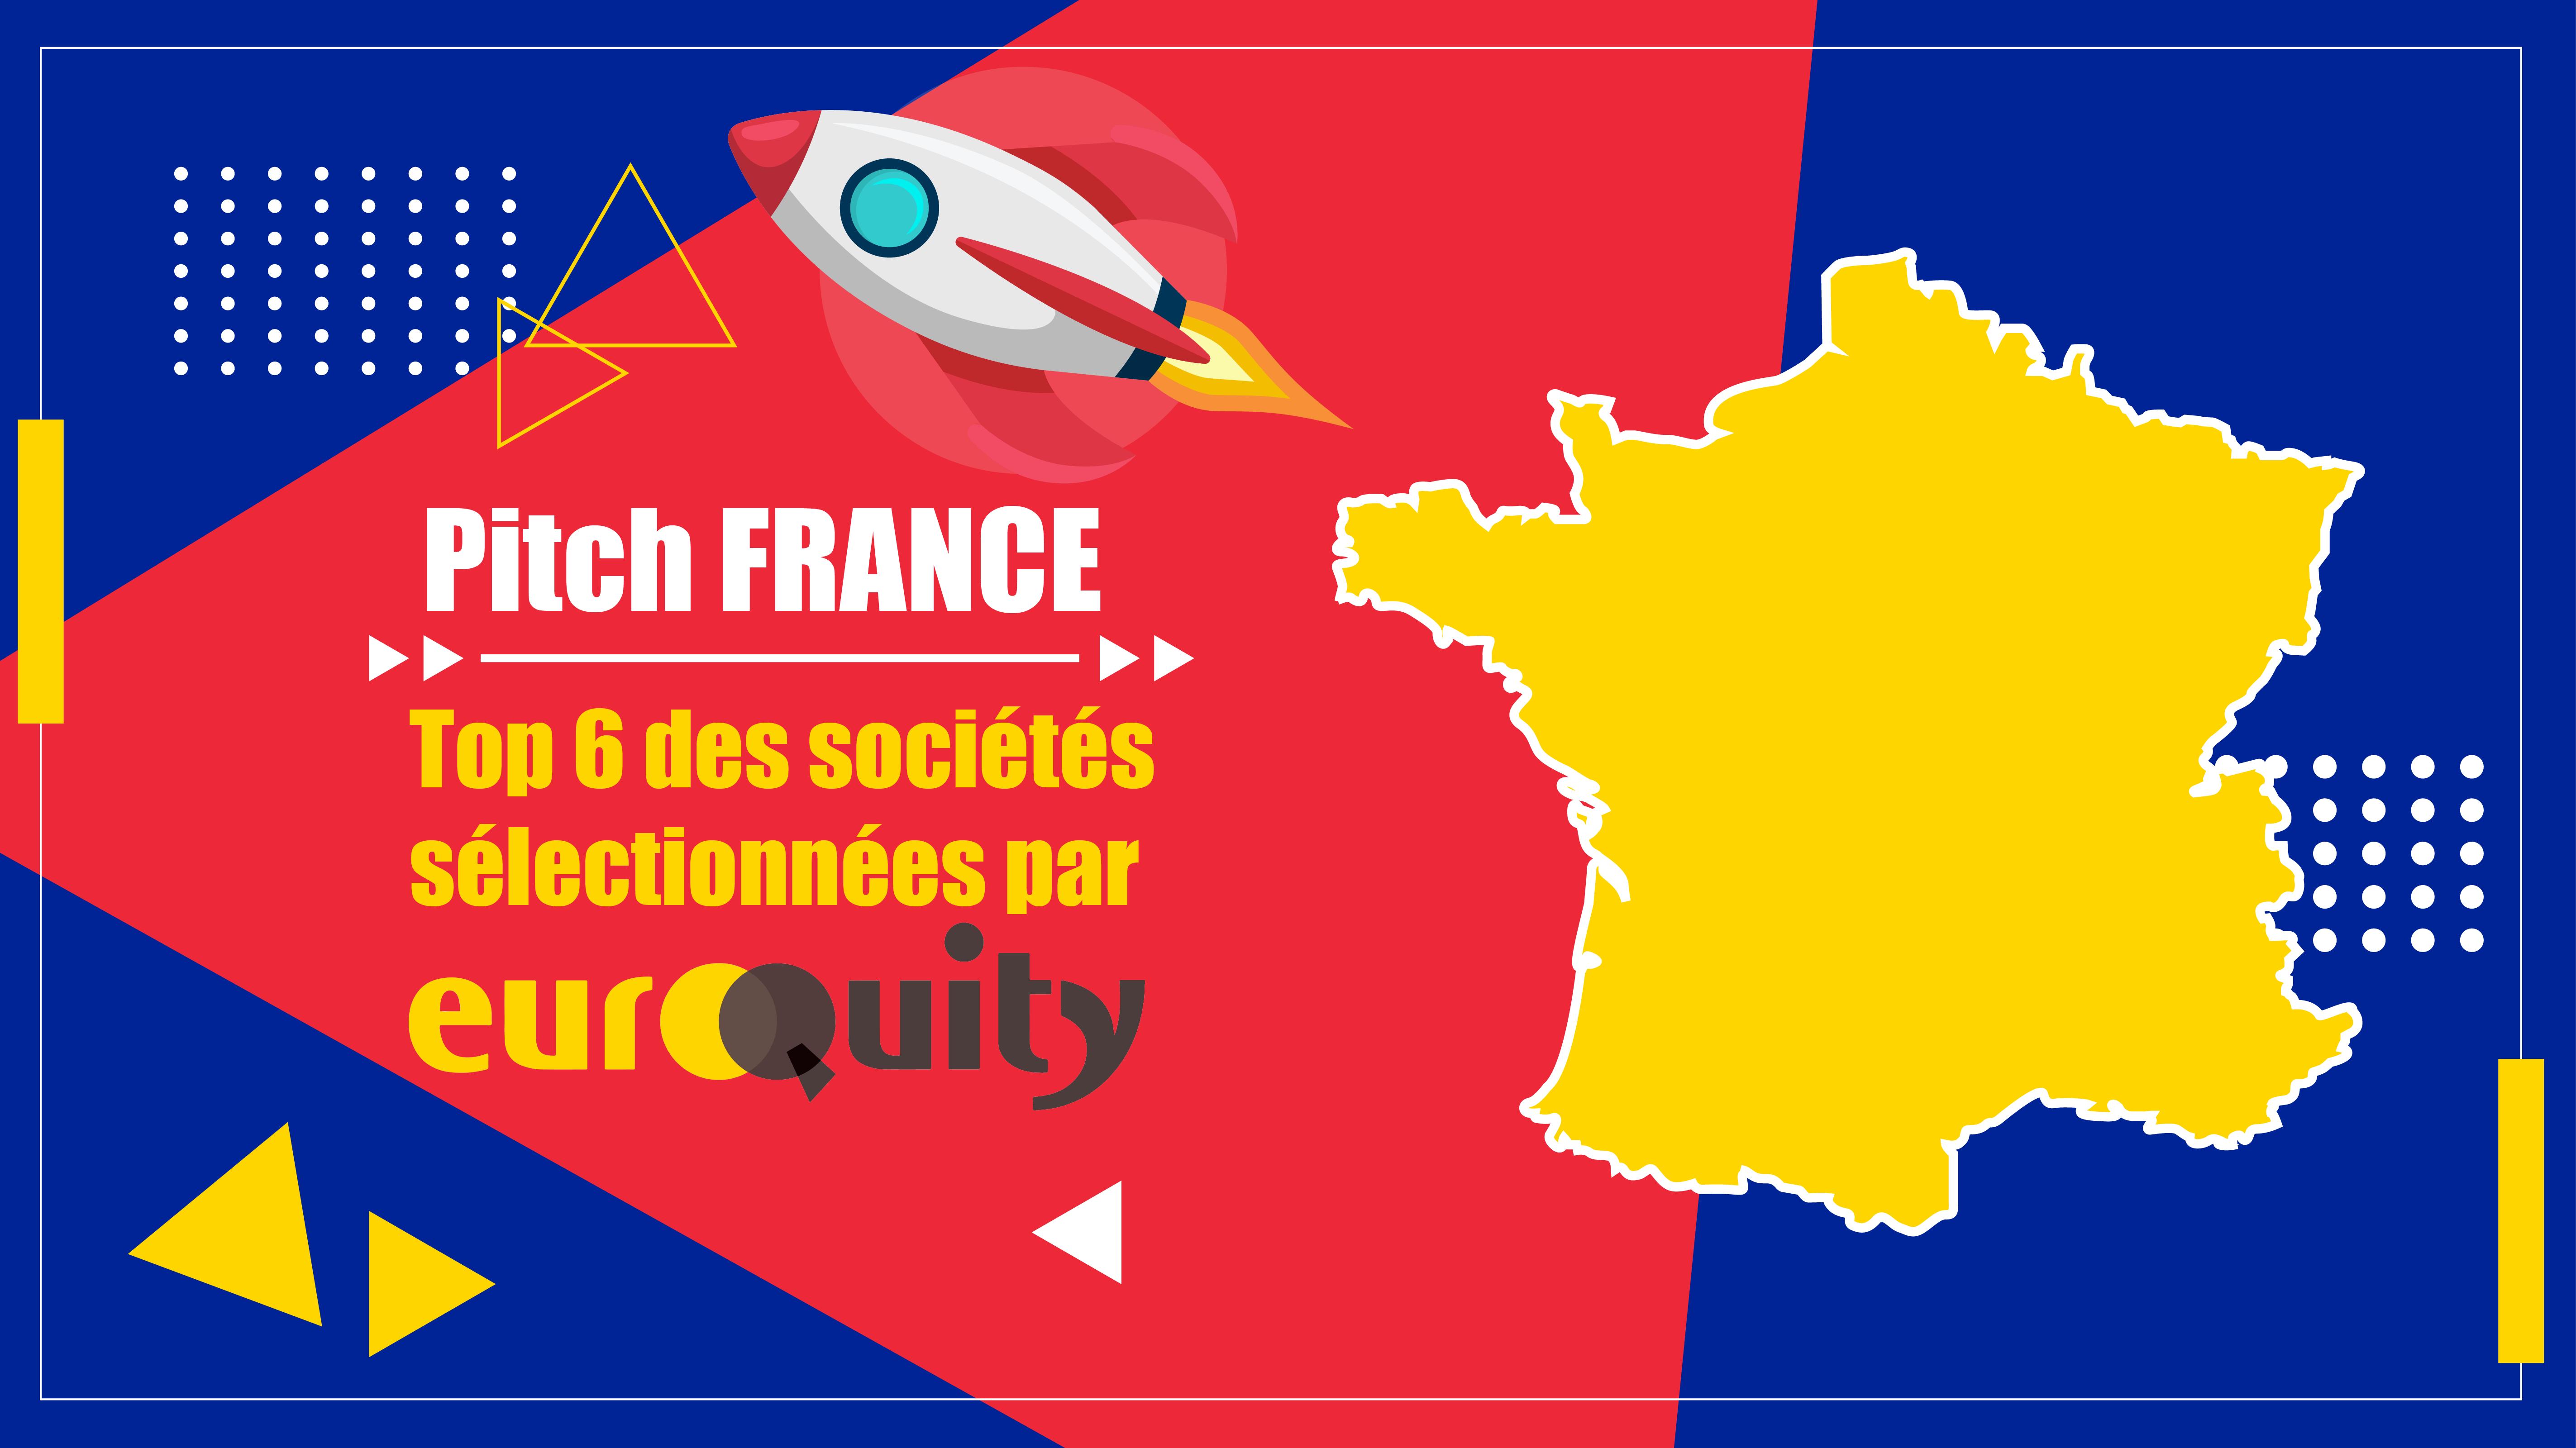 La sélection des 6 startups sélectionnées pour le e-pitch France du 28/01 à 17:00 CET